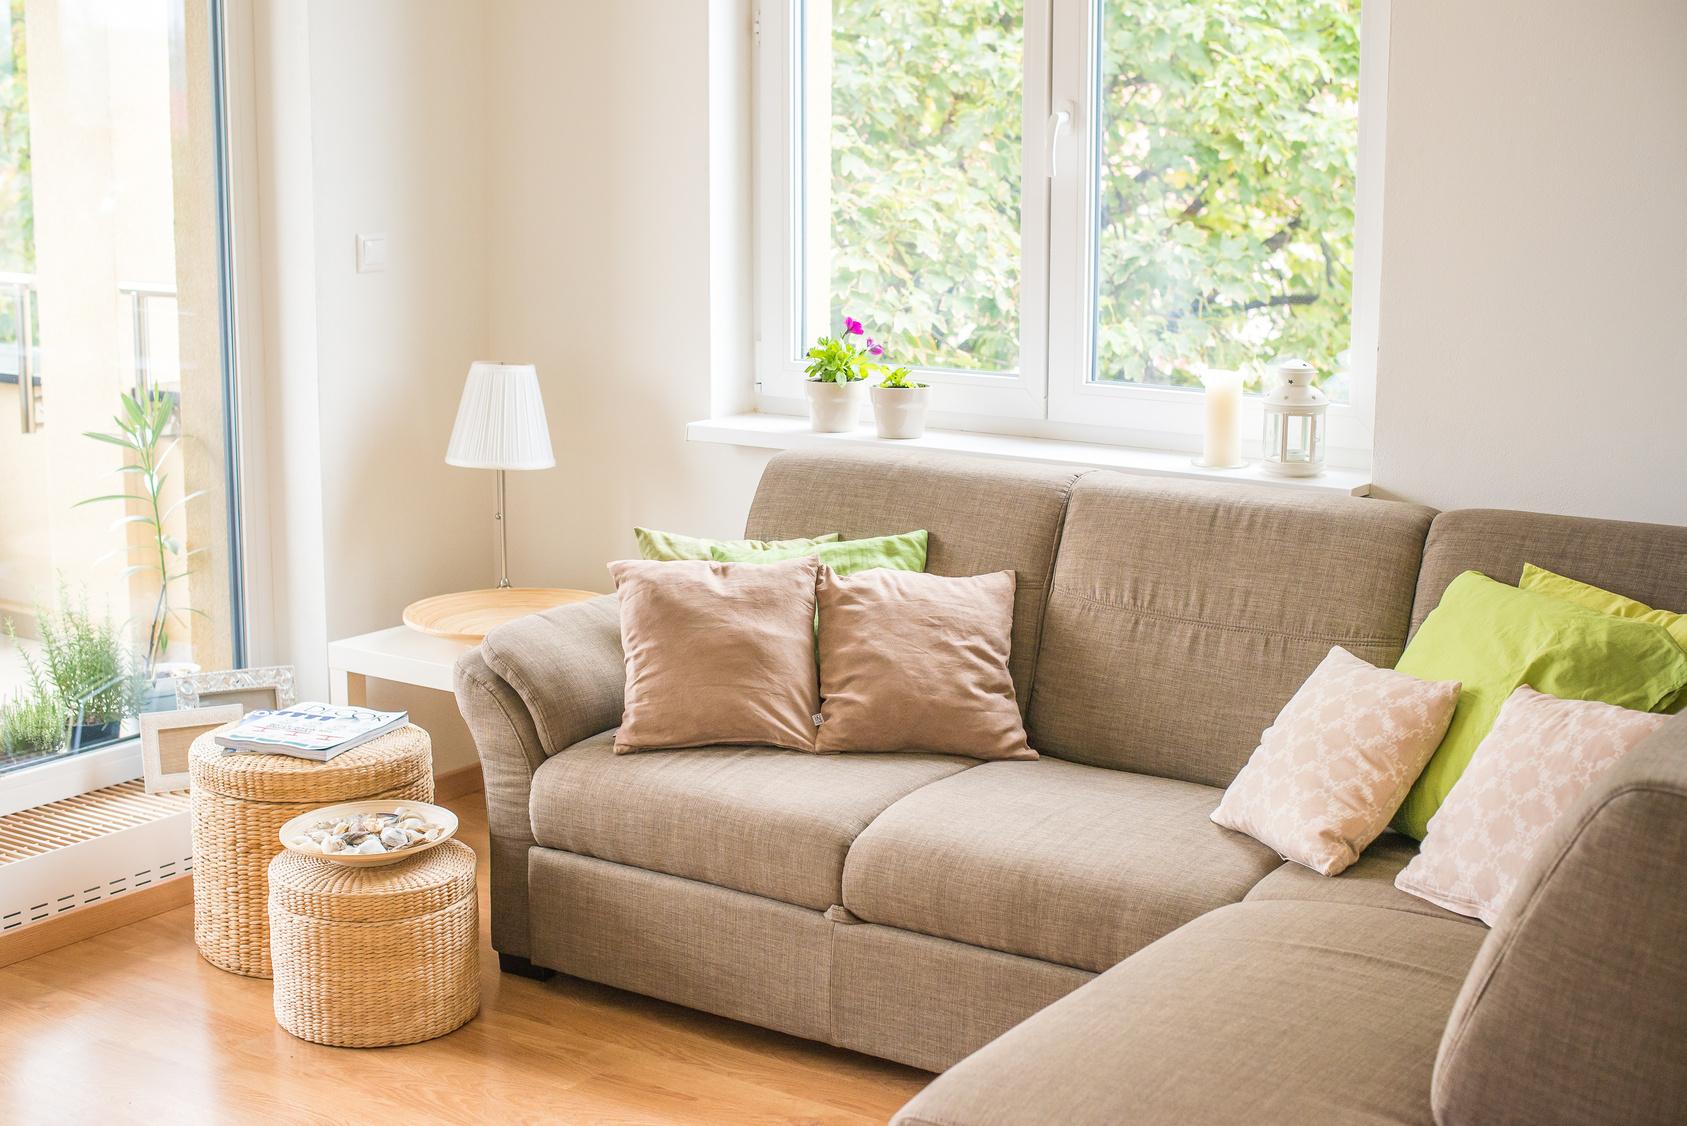 Decoraci n de verano para tu casa vivienda saludable for Decoracion casa verano